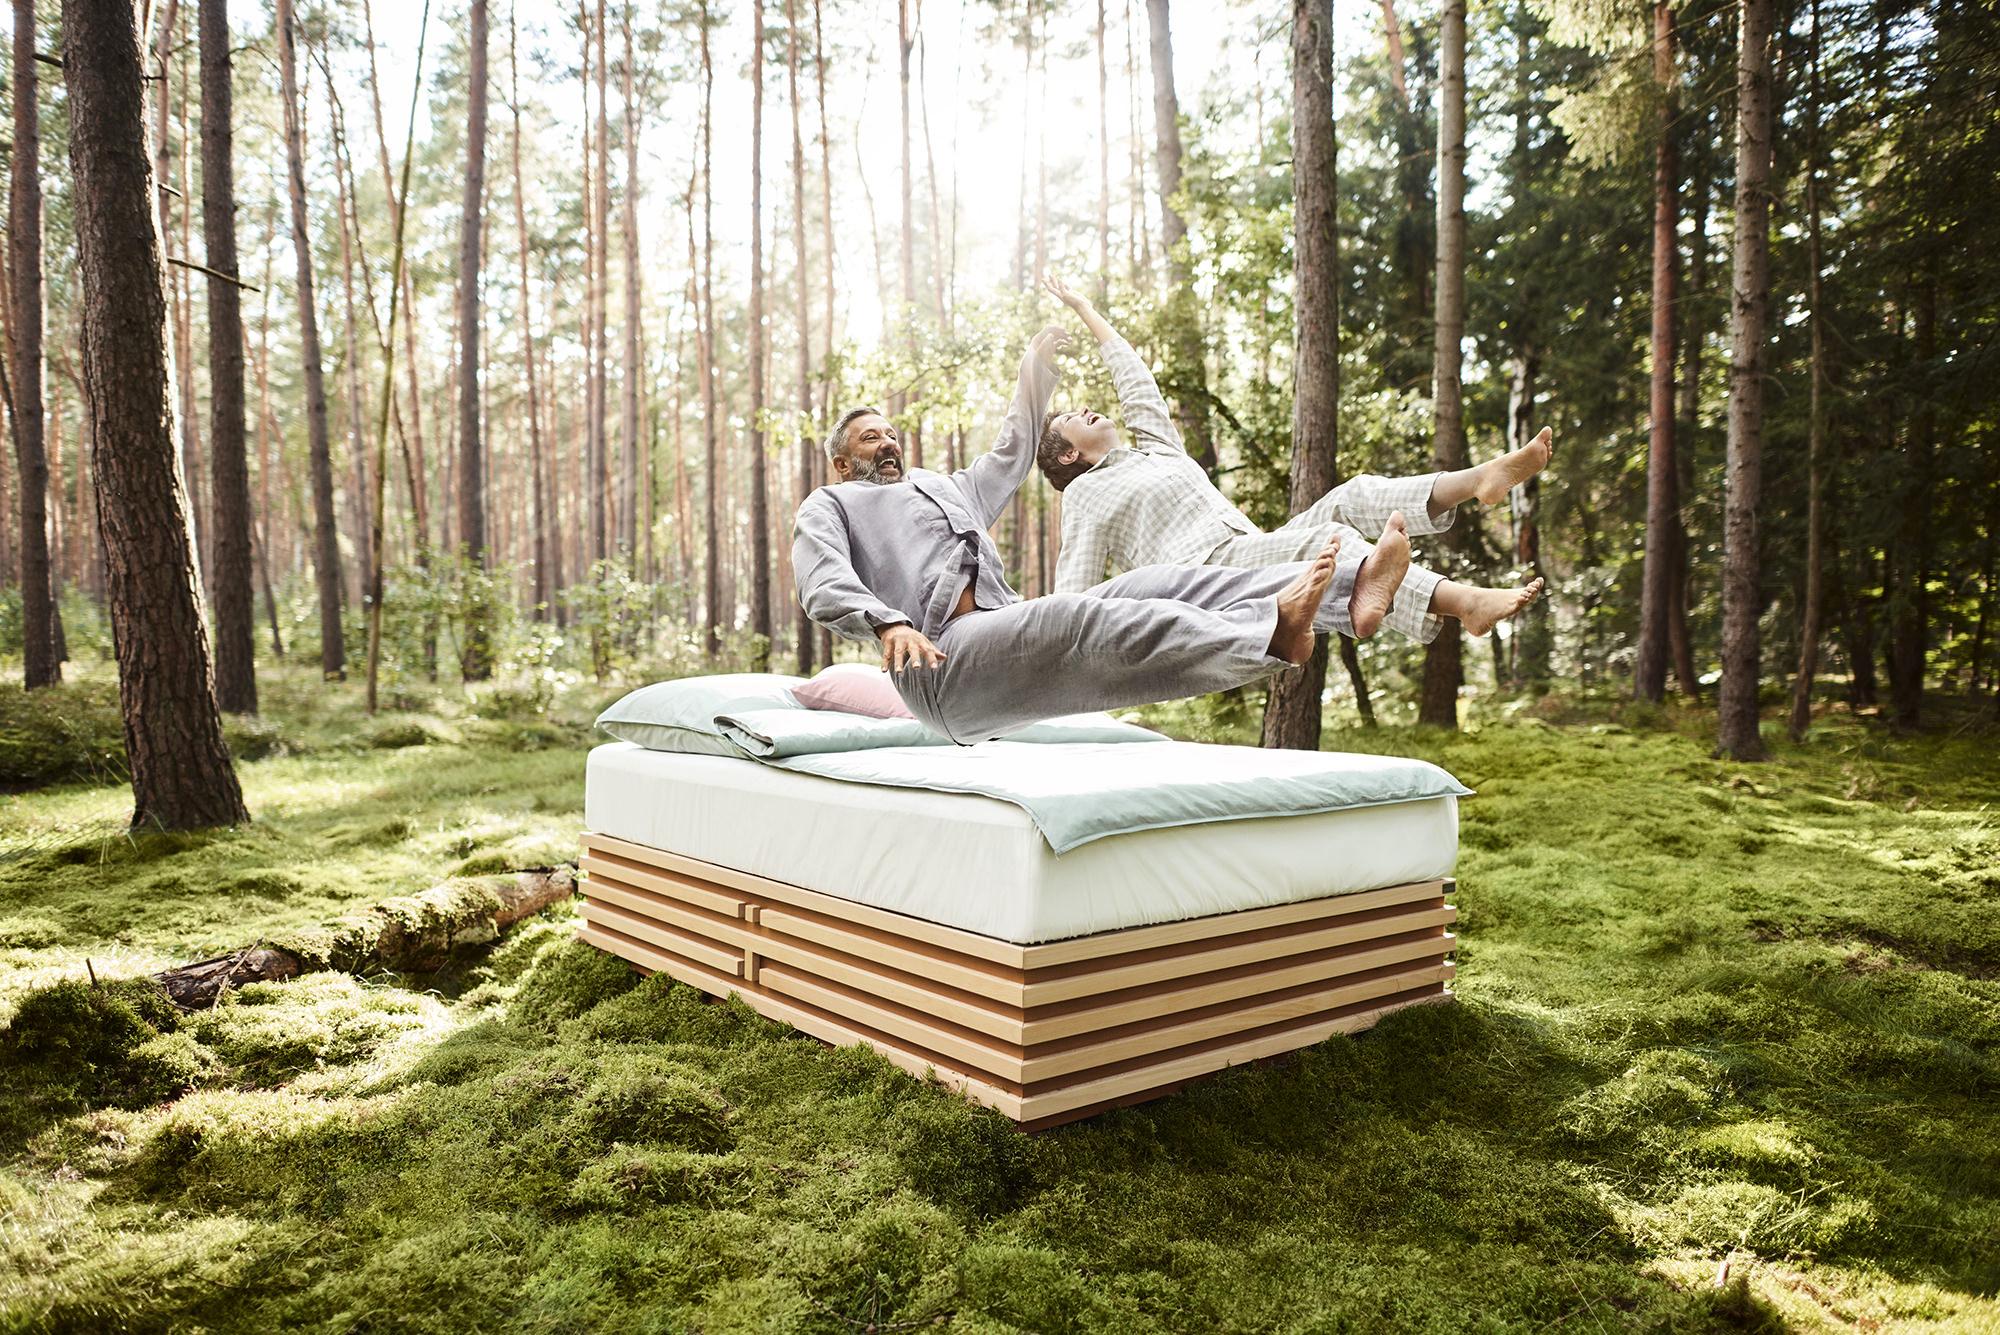 Best Ager Paar springt auf eine stylische Matratze in der Natur